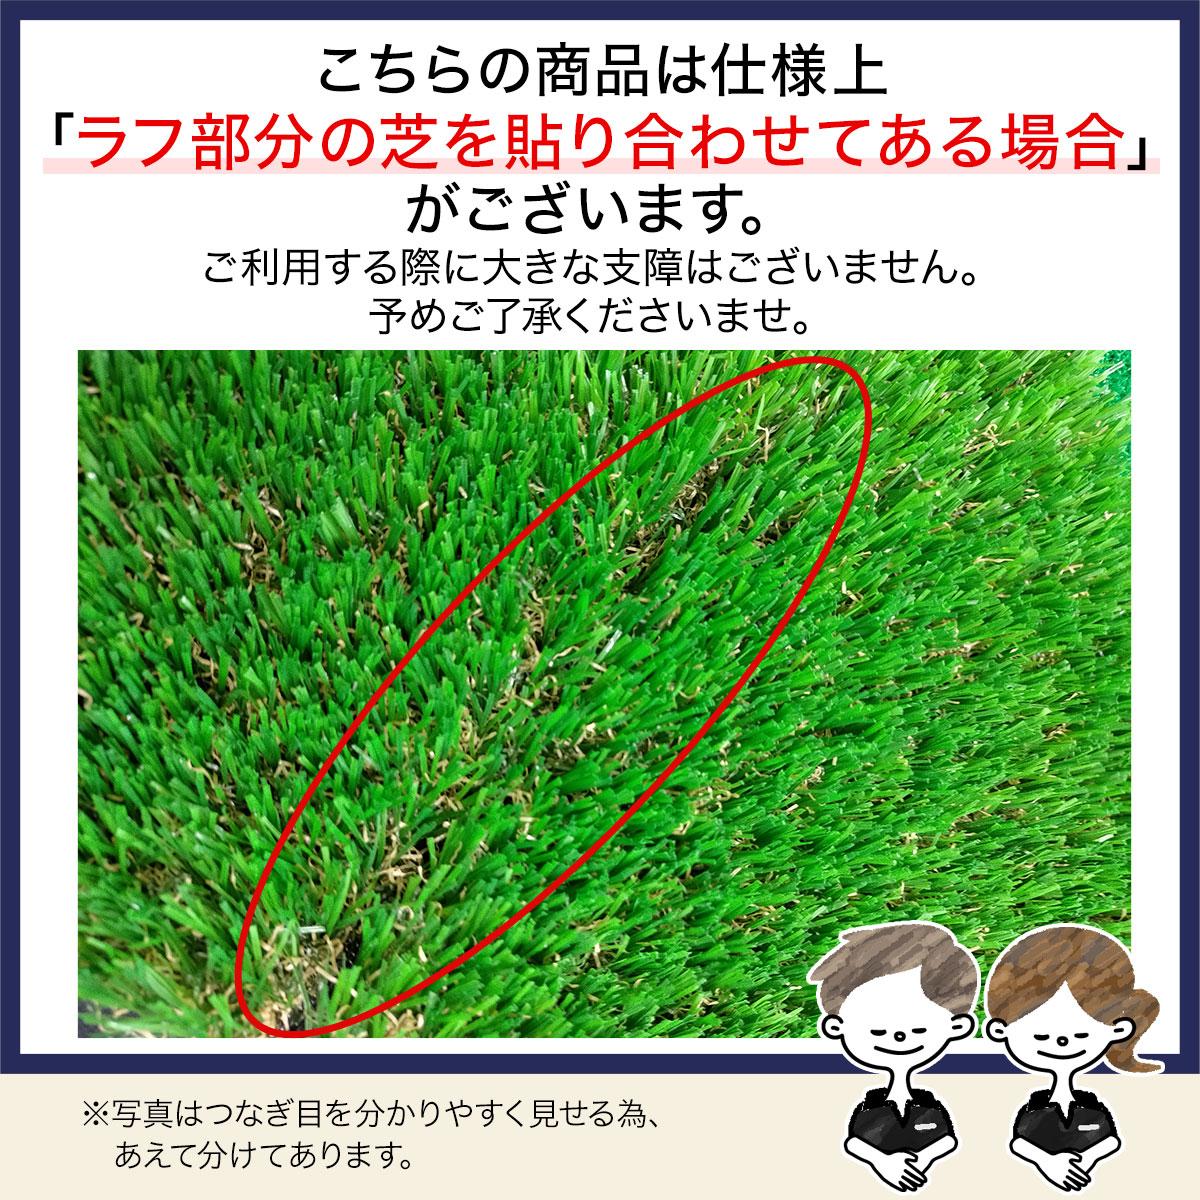 GolfStyle パターマット ゴルフ パッティング 練習 人工芝 グリーン 300×120cm 大型 Gシリーズ